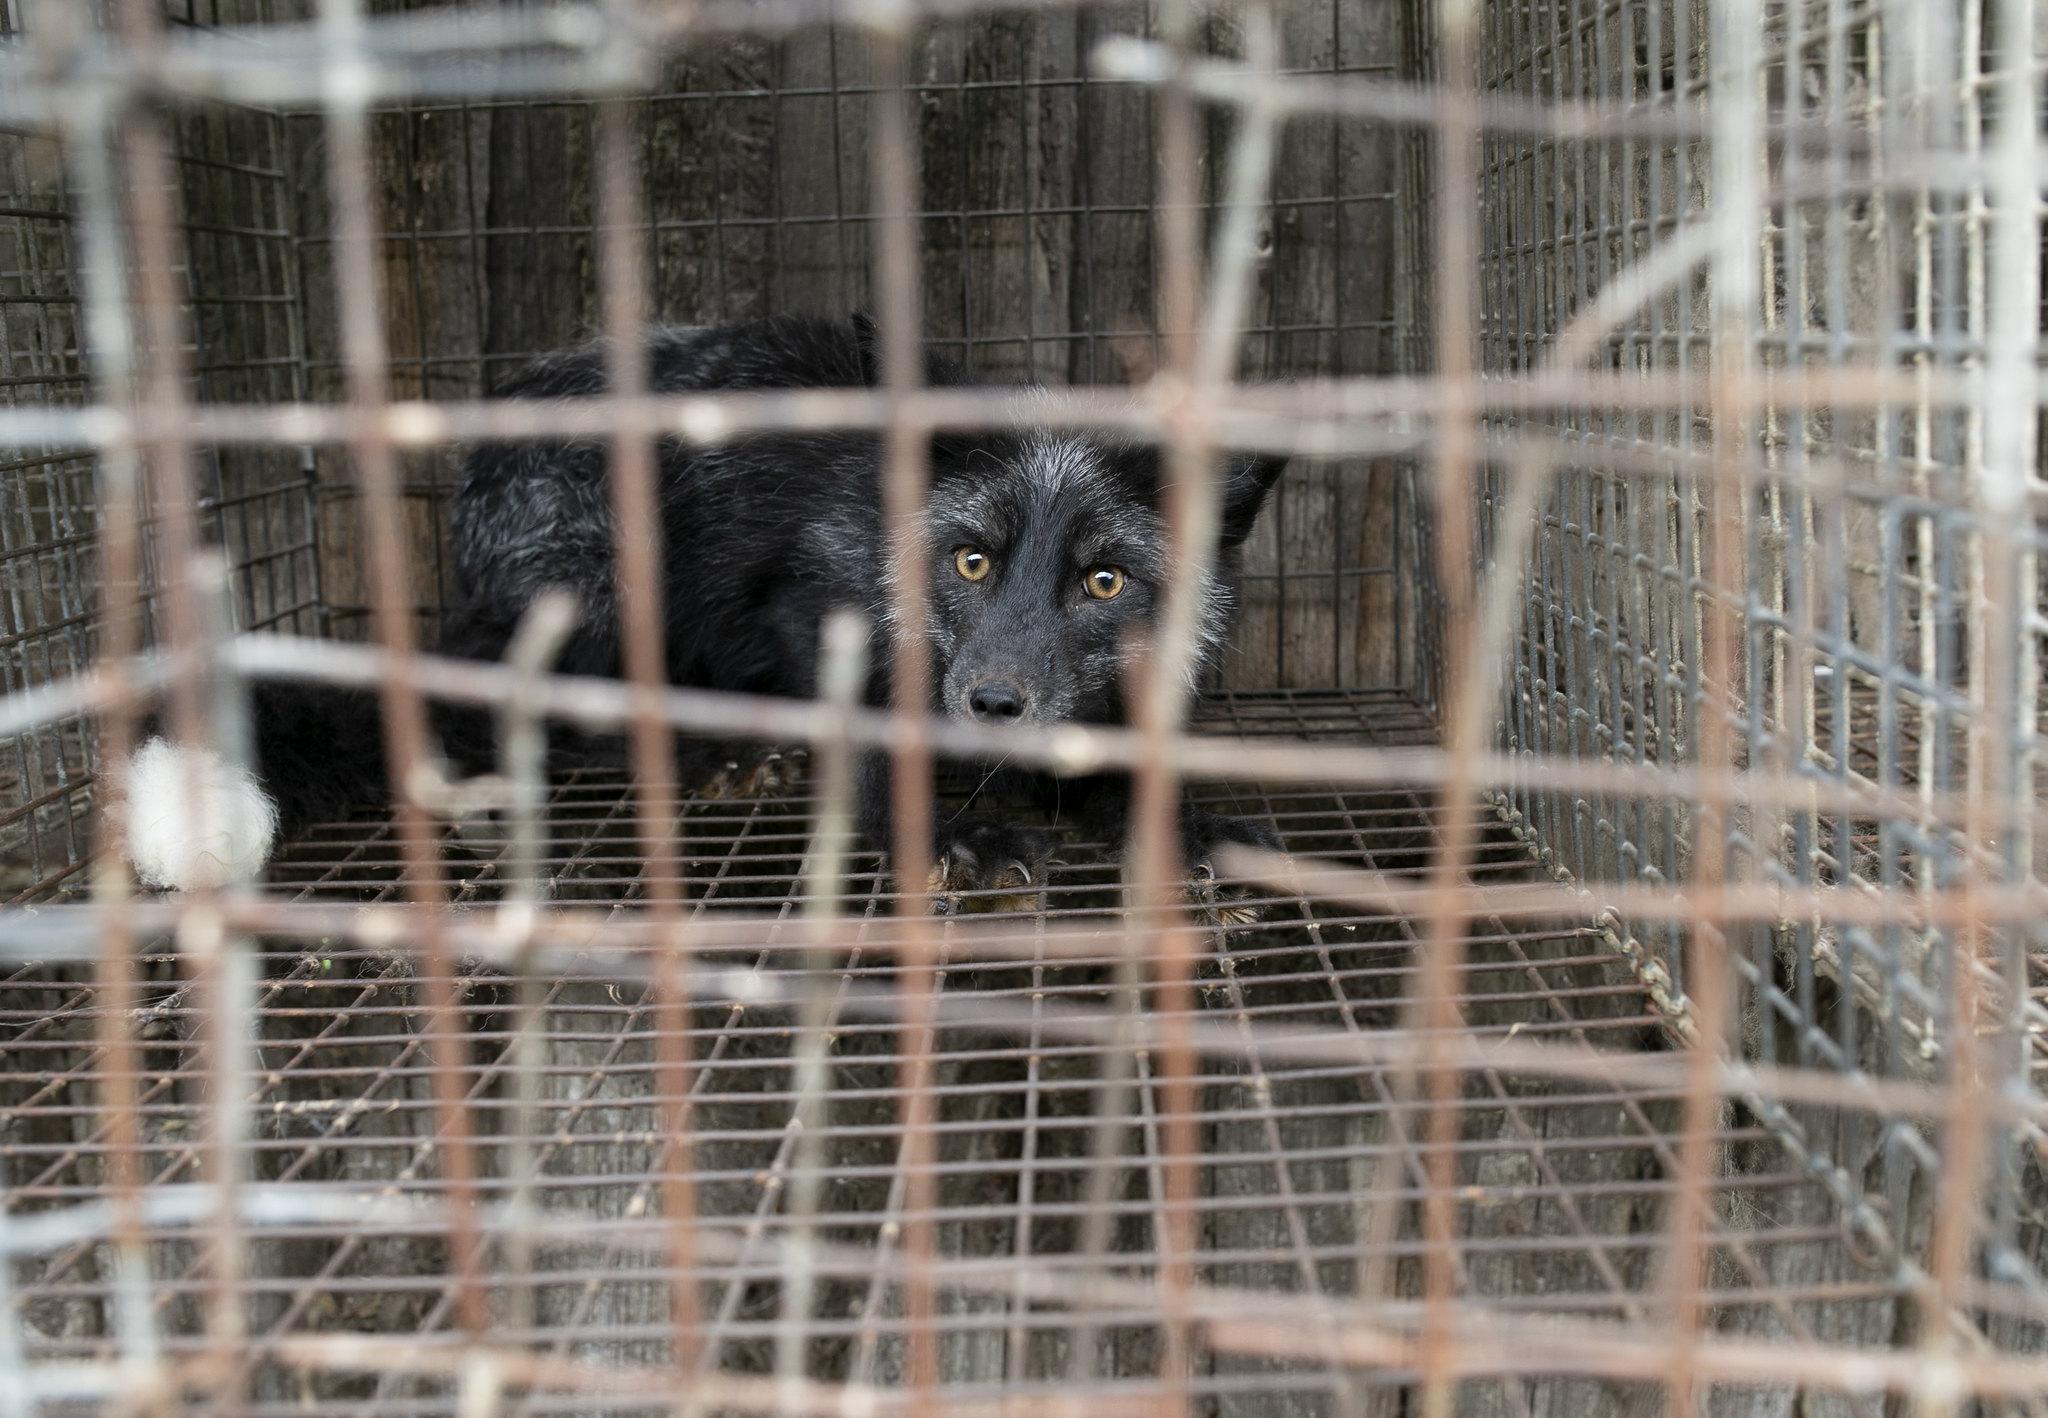 Lisy hodowane na futro spędzają całe swoje życie w ciasnych, metalowych klatkach